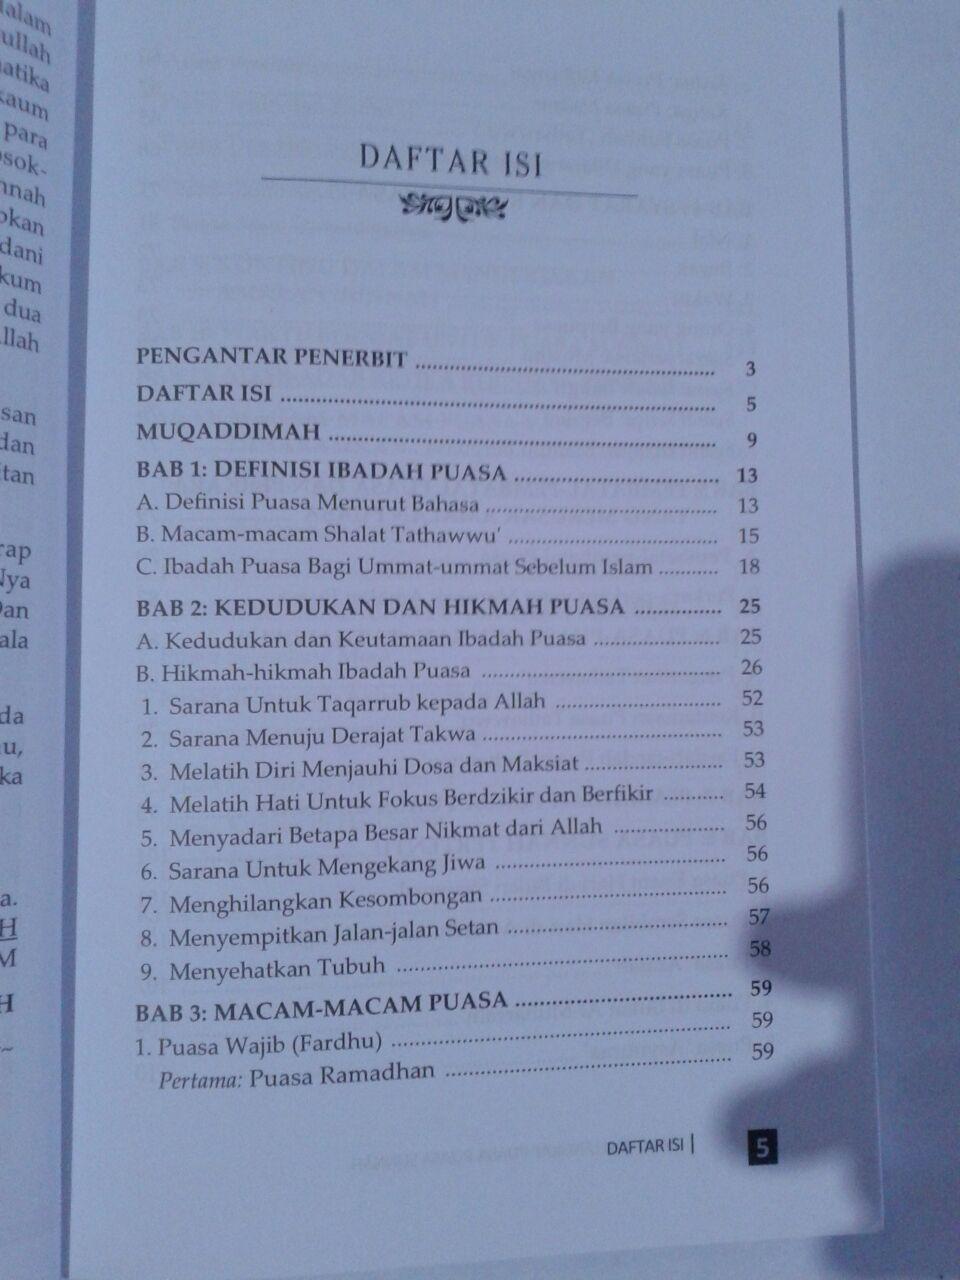 Buku Panduan Lengkap Puasa-Puasa Sunnah Sepanjang Tahun isi 2